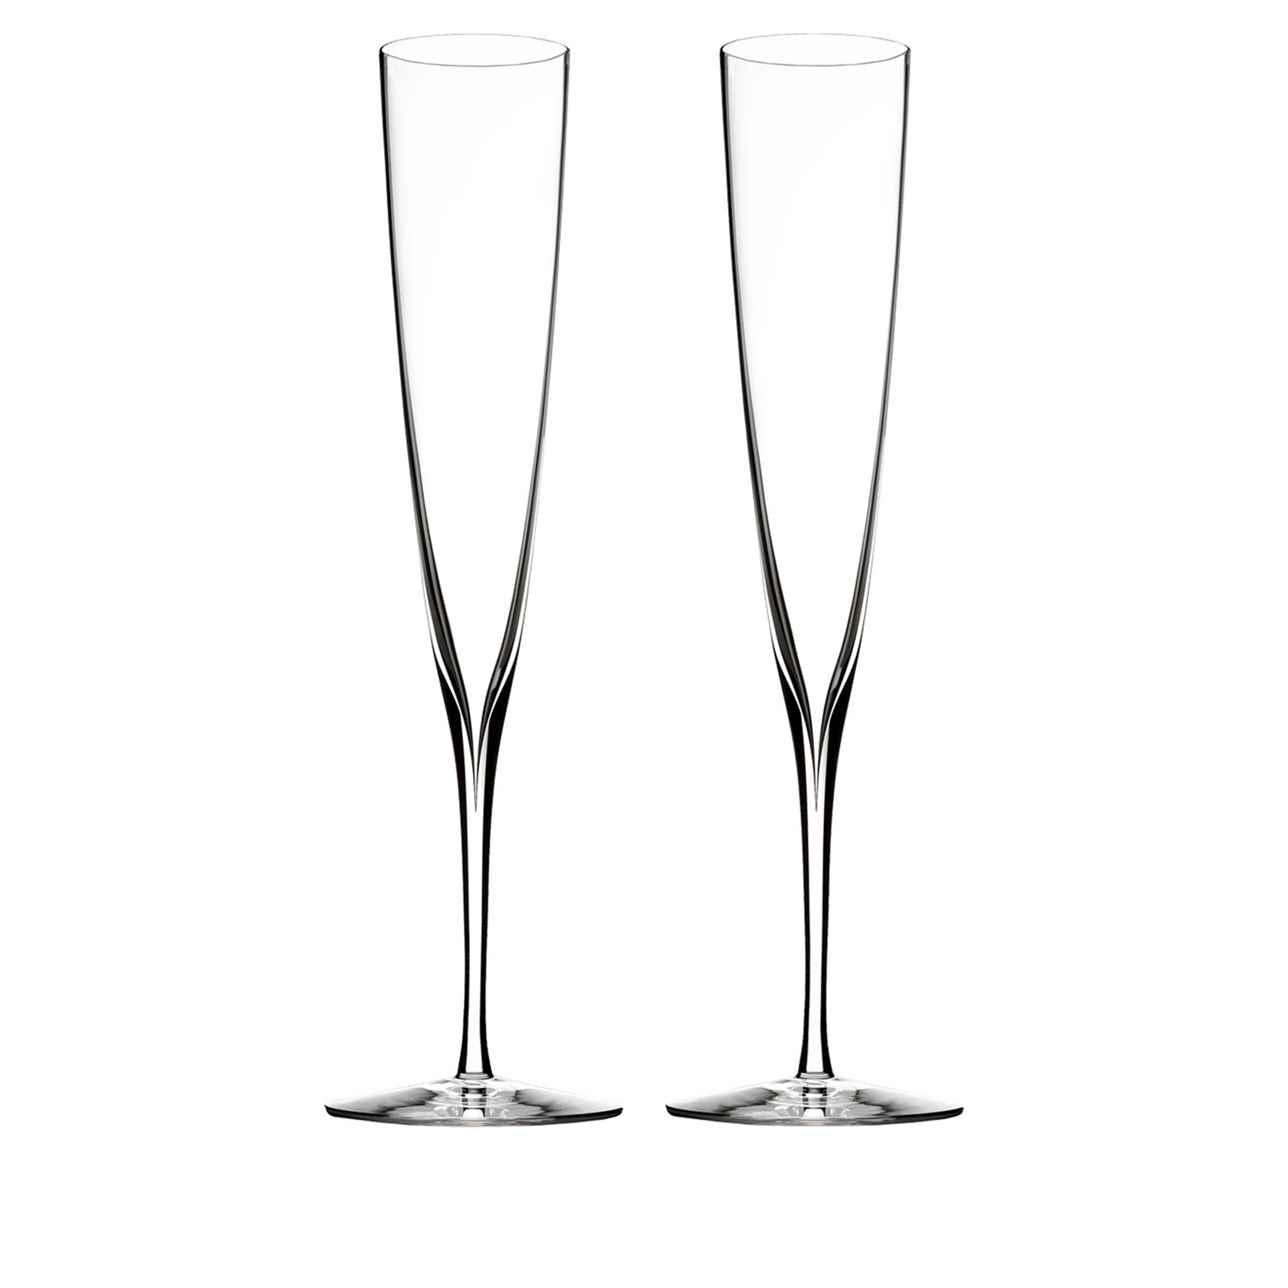 Elegance Champagne Trumpet Champagne Flute, Set of 2